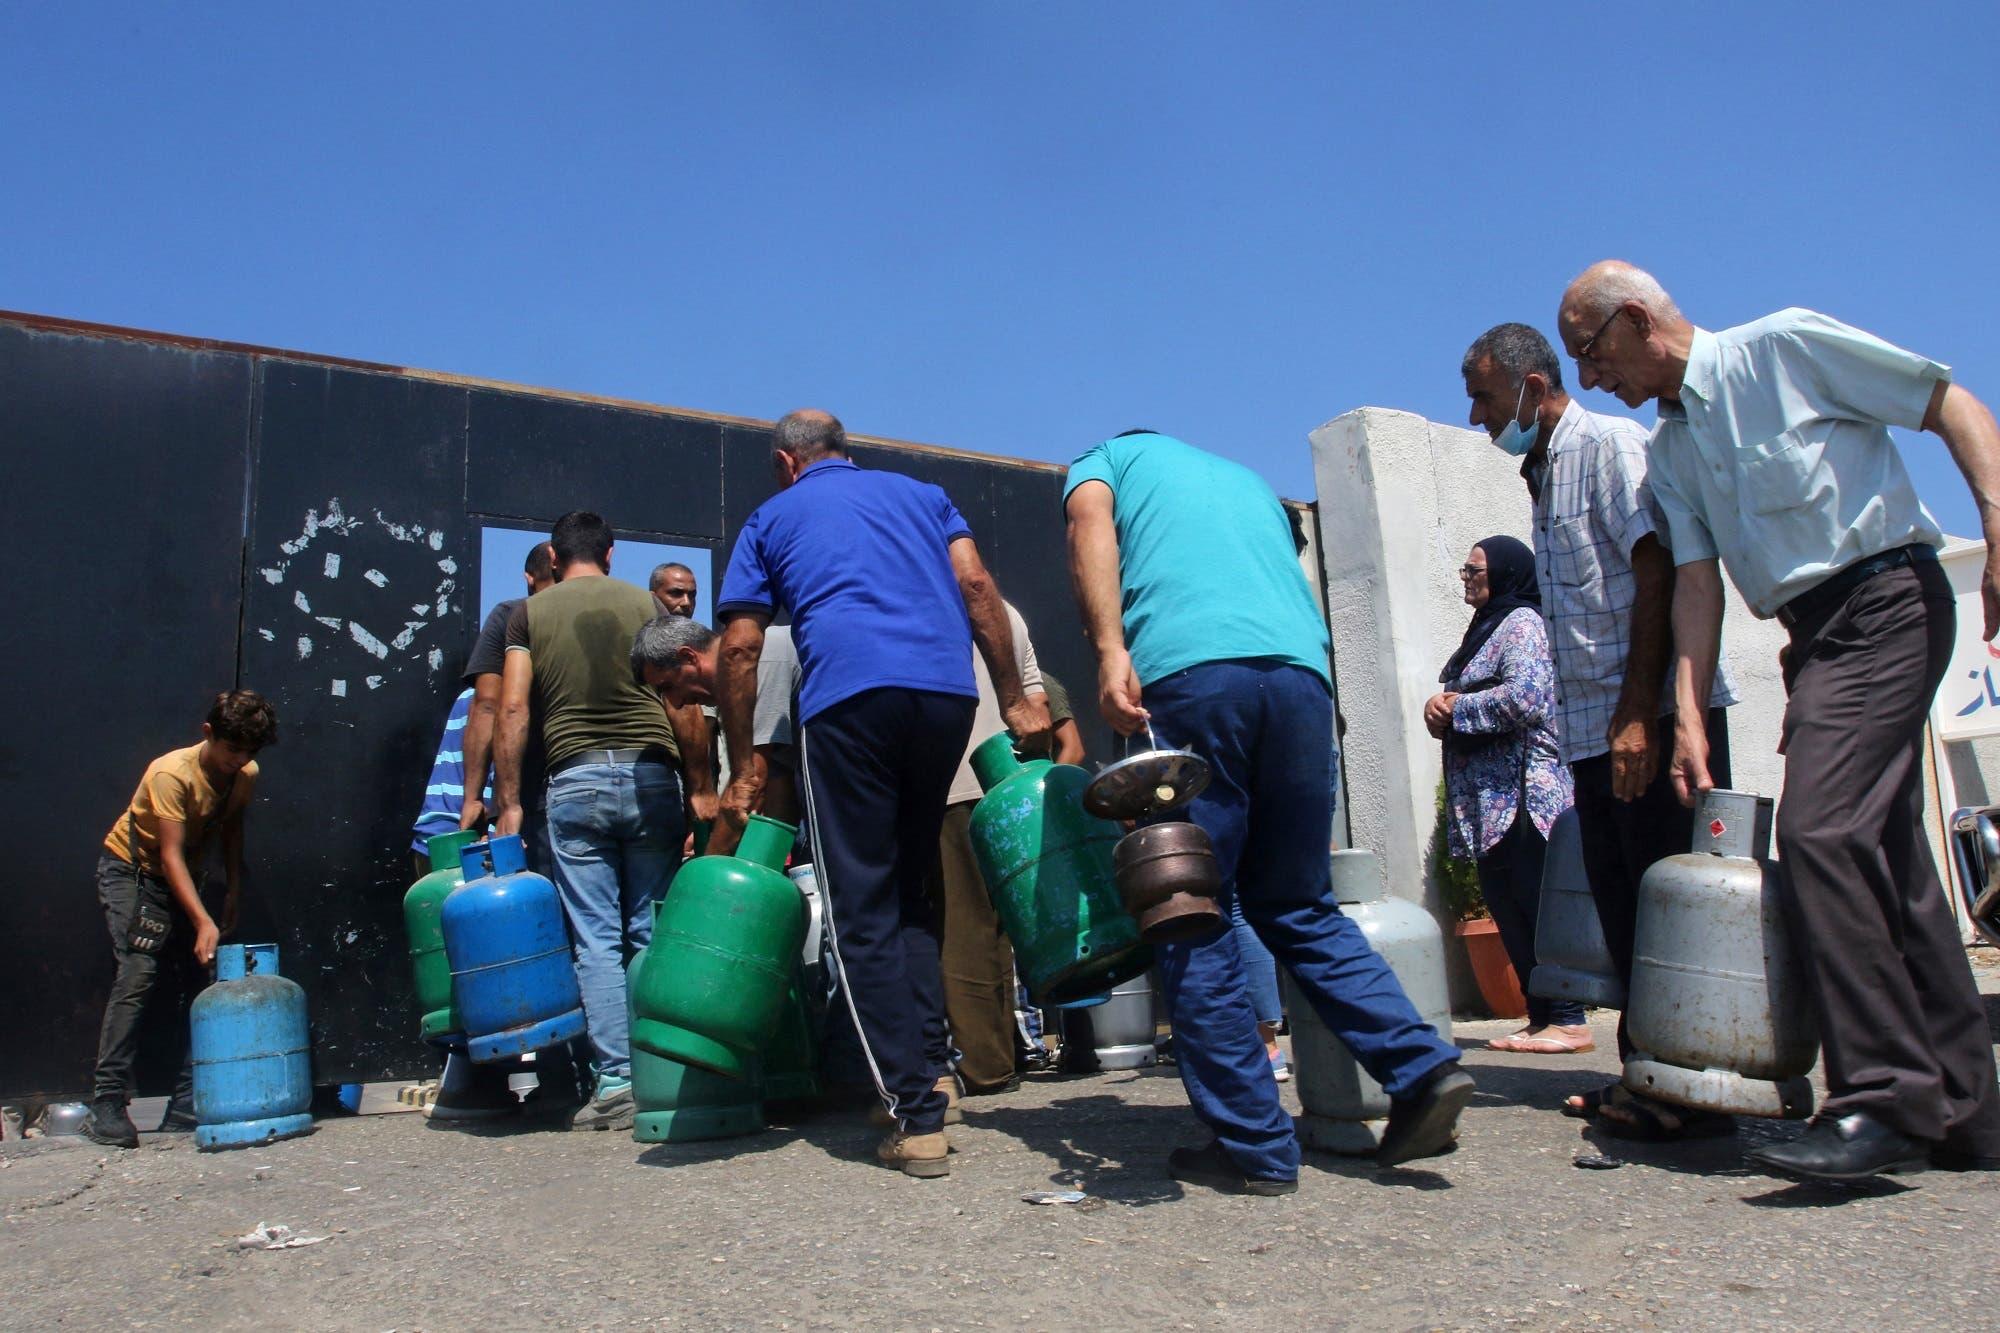 لبنانيون ينتظرون ملء قوارير الغاز في صيدا يوم 10 أغسطس (فرانس برس)